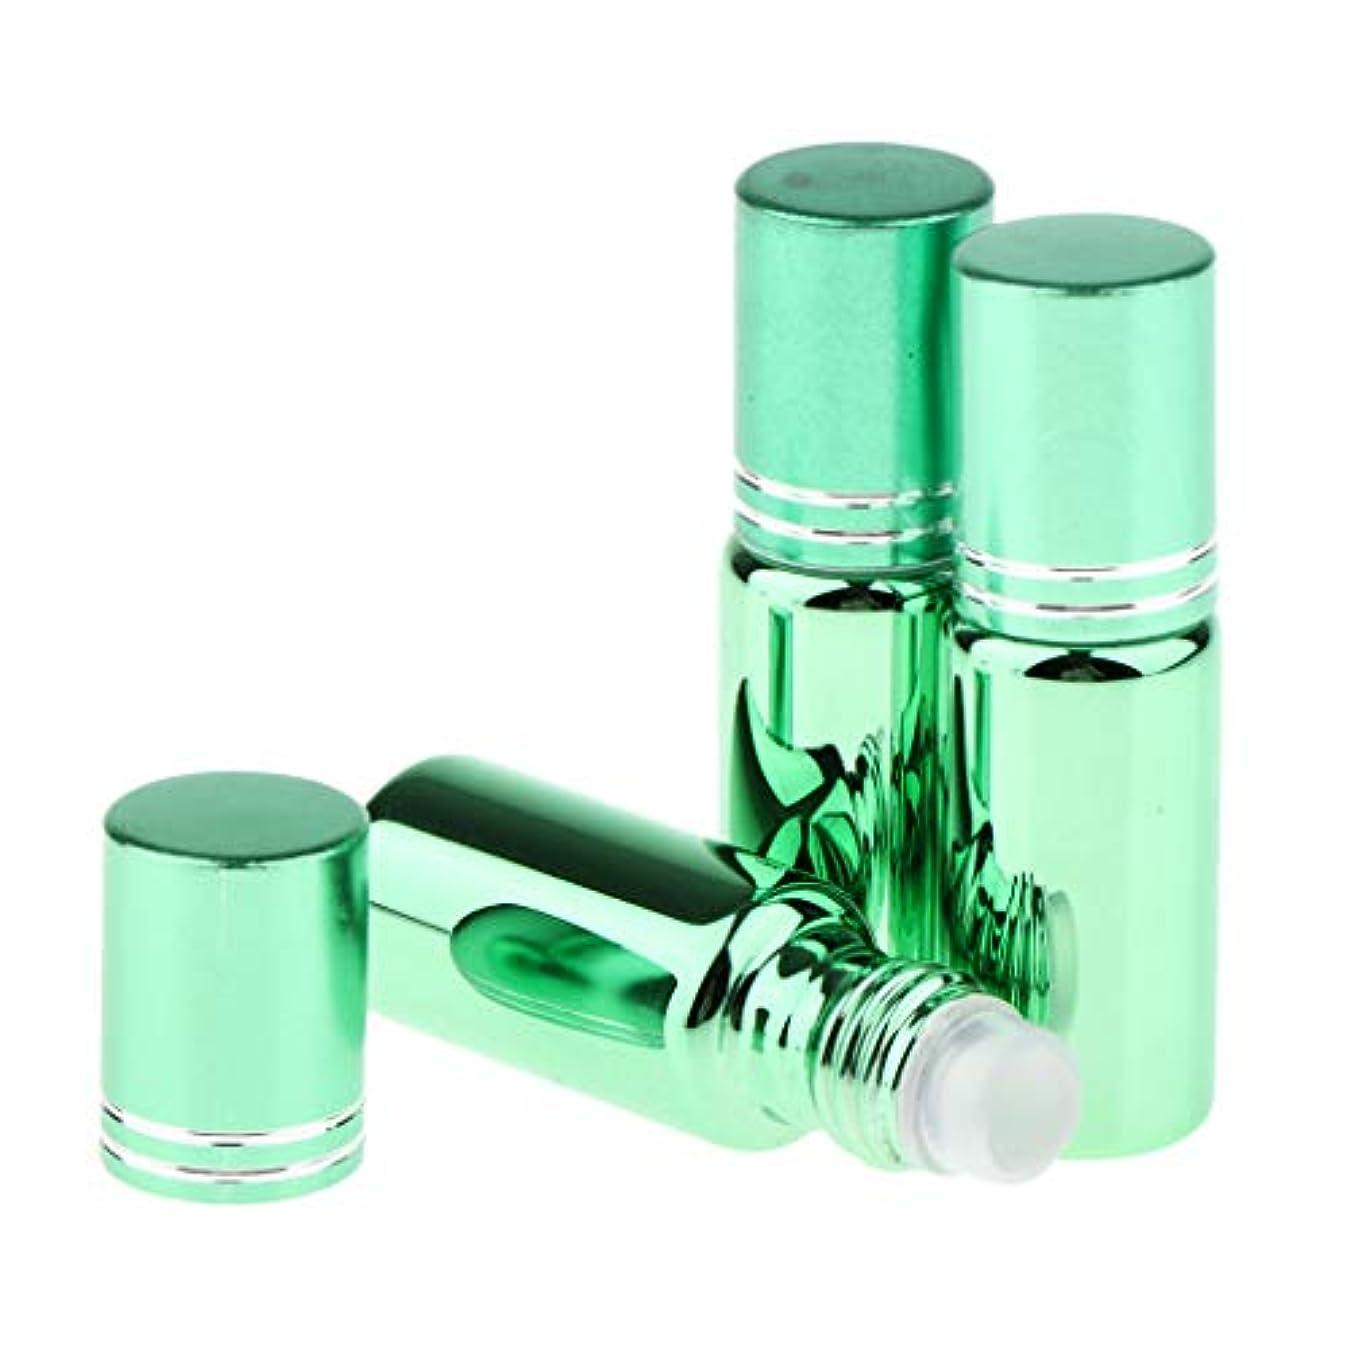 ストライド組み合わせる多くの危険がある状況香水 ロールオン アトマイザー ローラーボトル 容器 アロマテラピー バイアル 全6色 - 緑